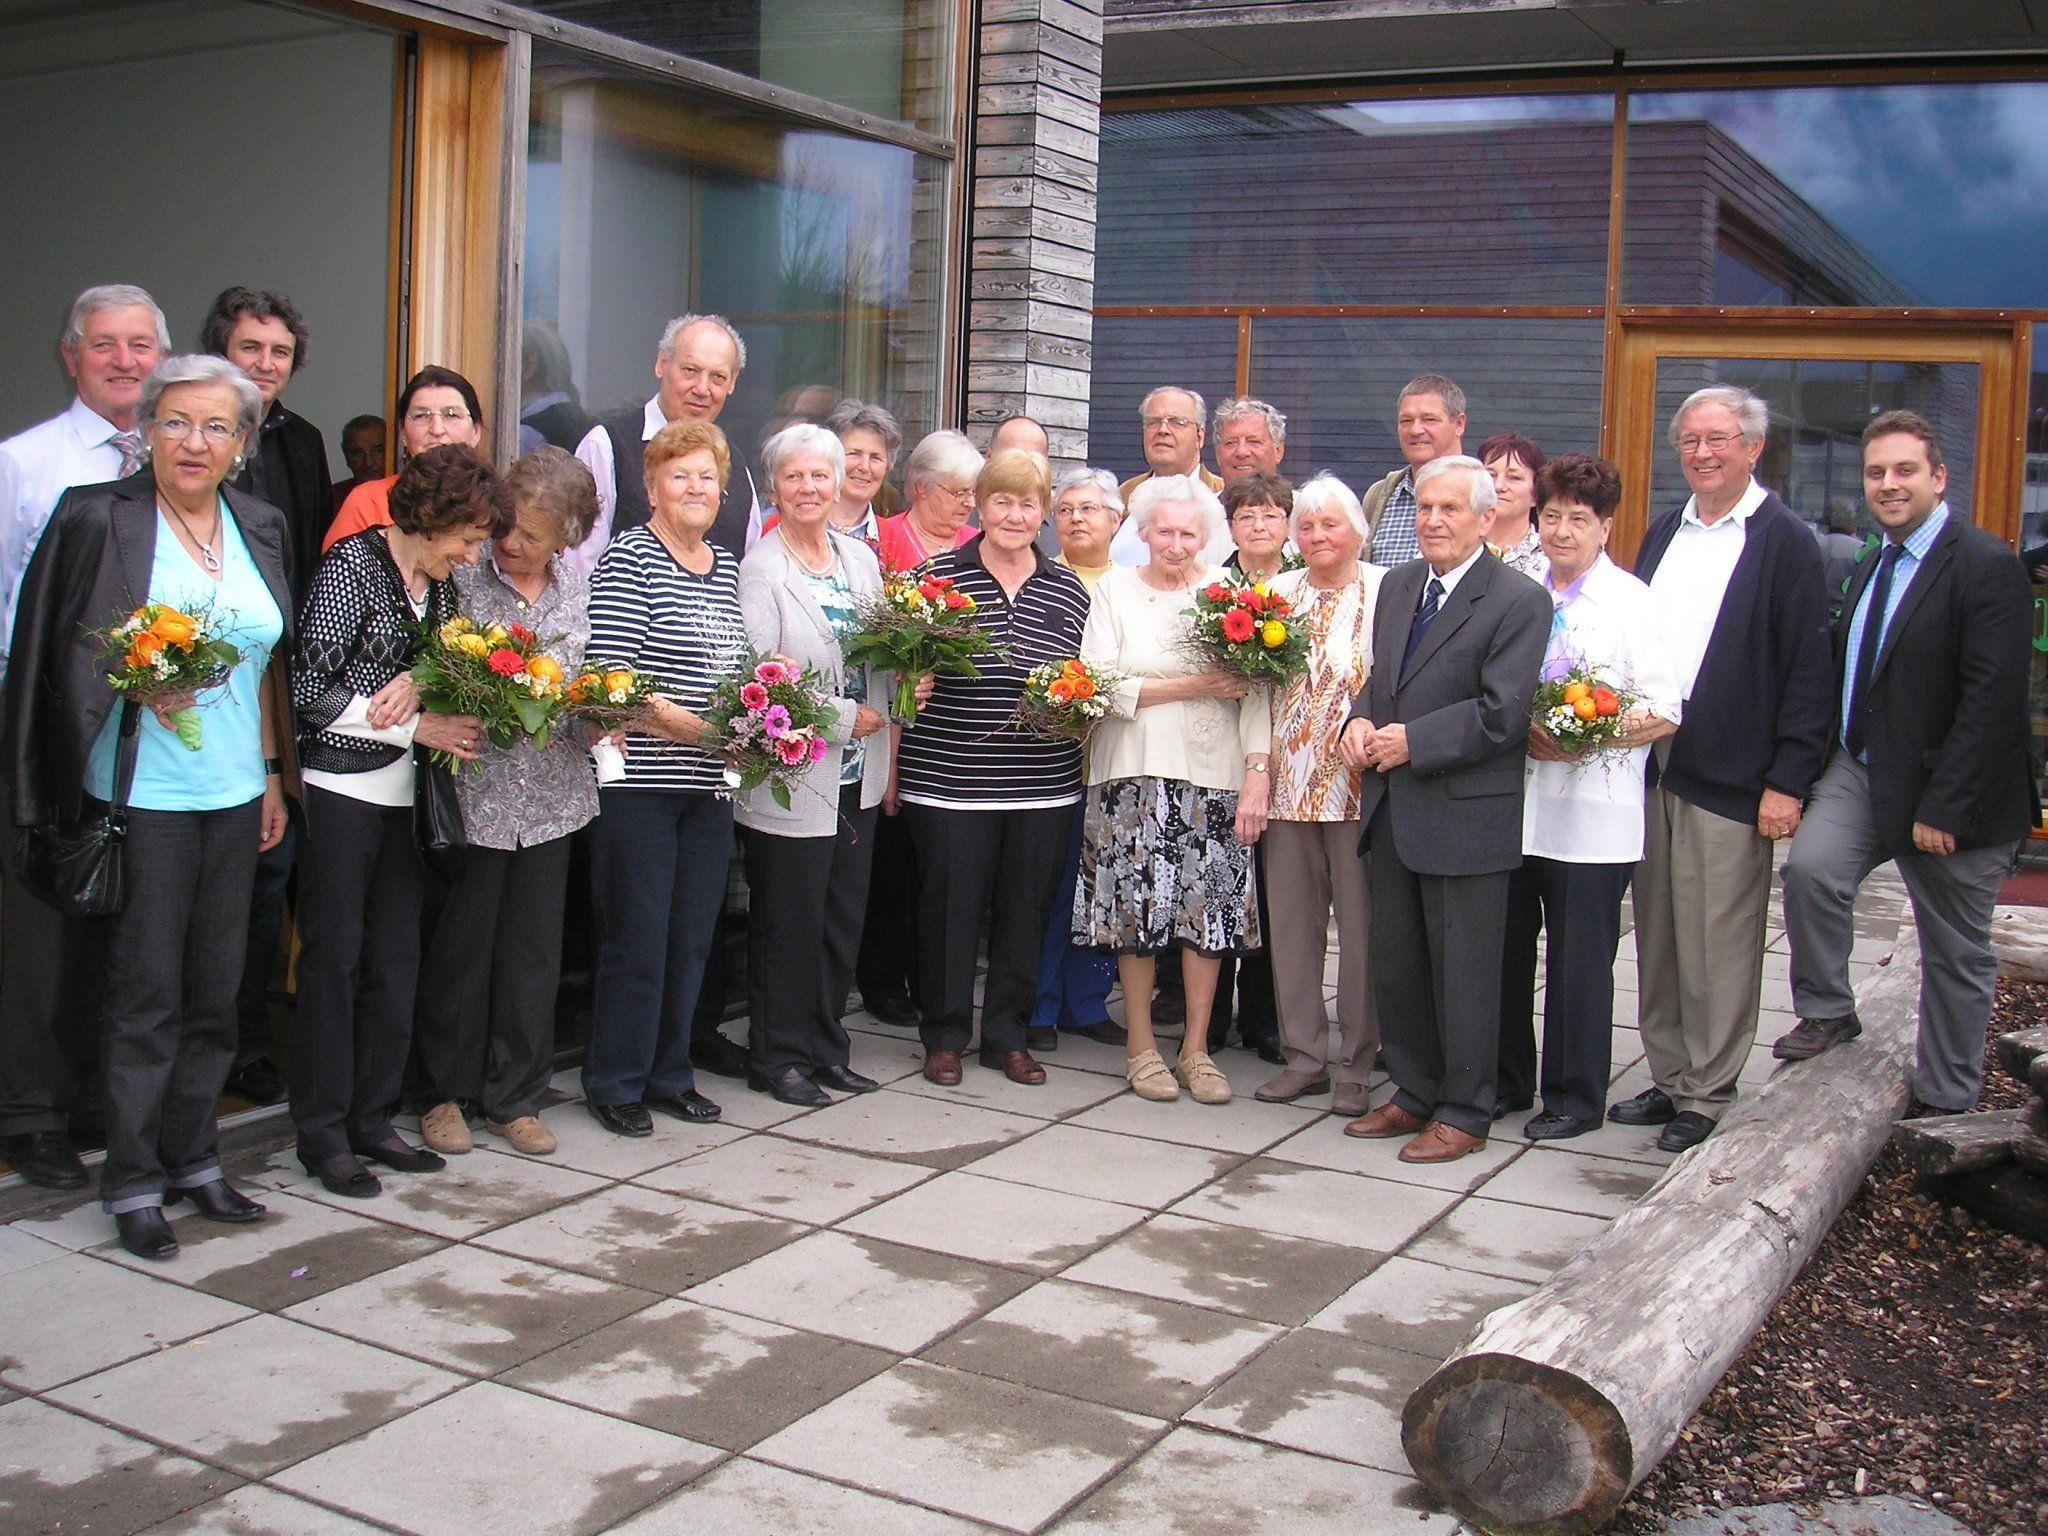 31 Mitglieder aus Bludesch wurden für ihre langjährige Mitgliedschaft geehrt.